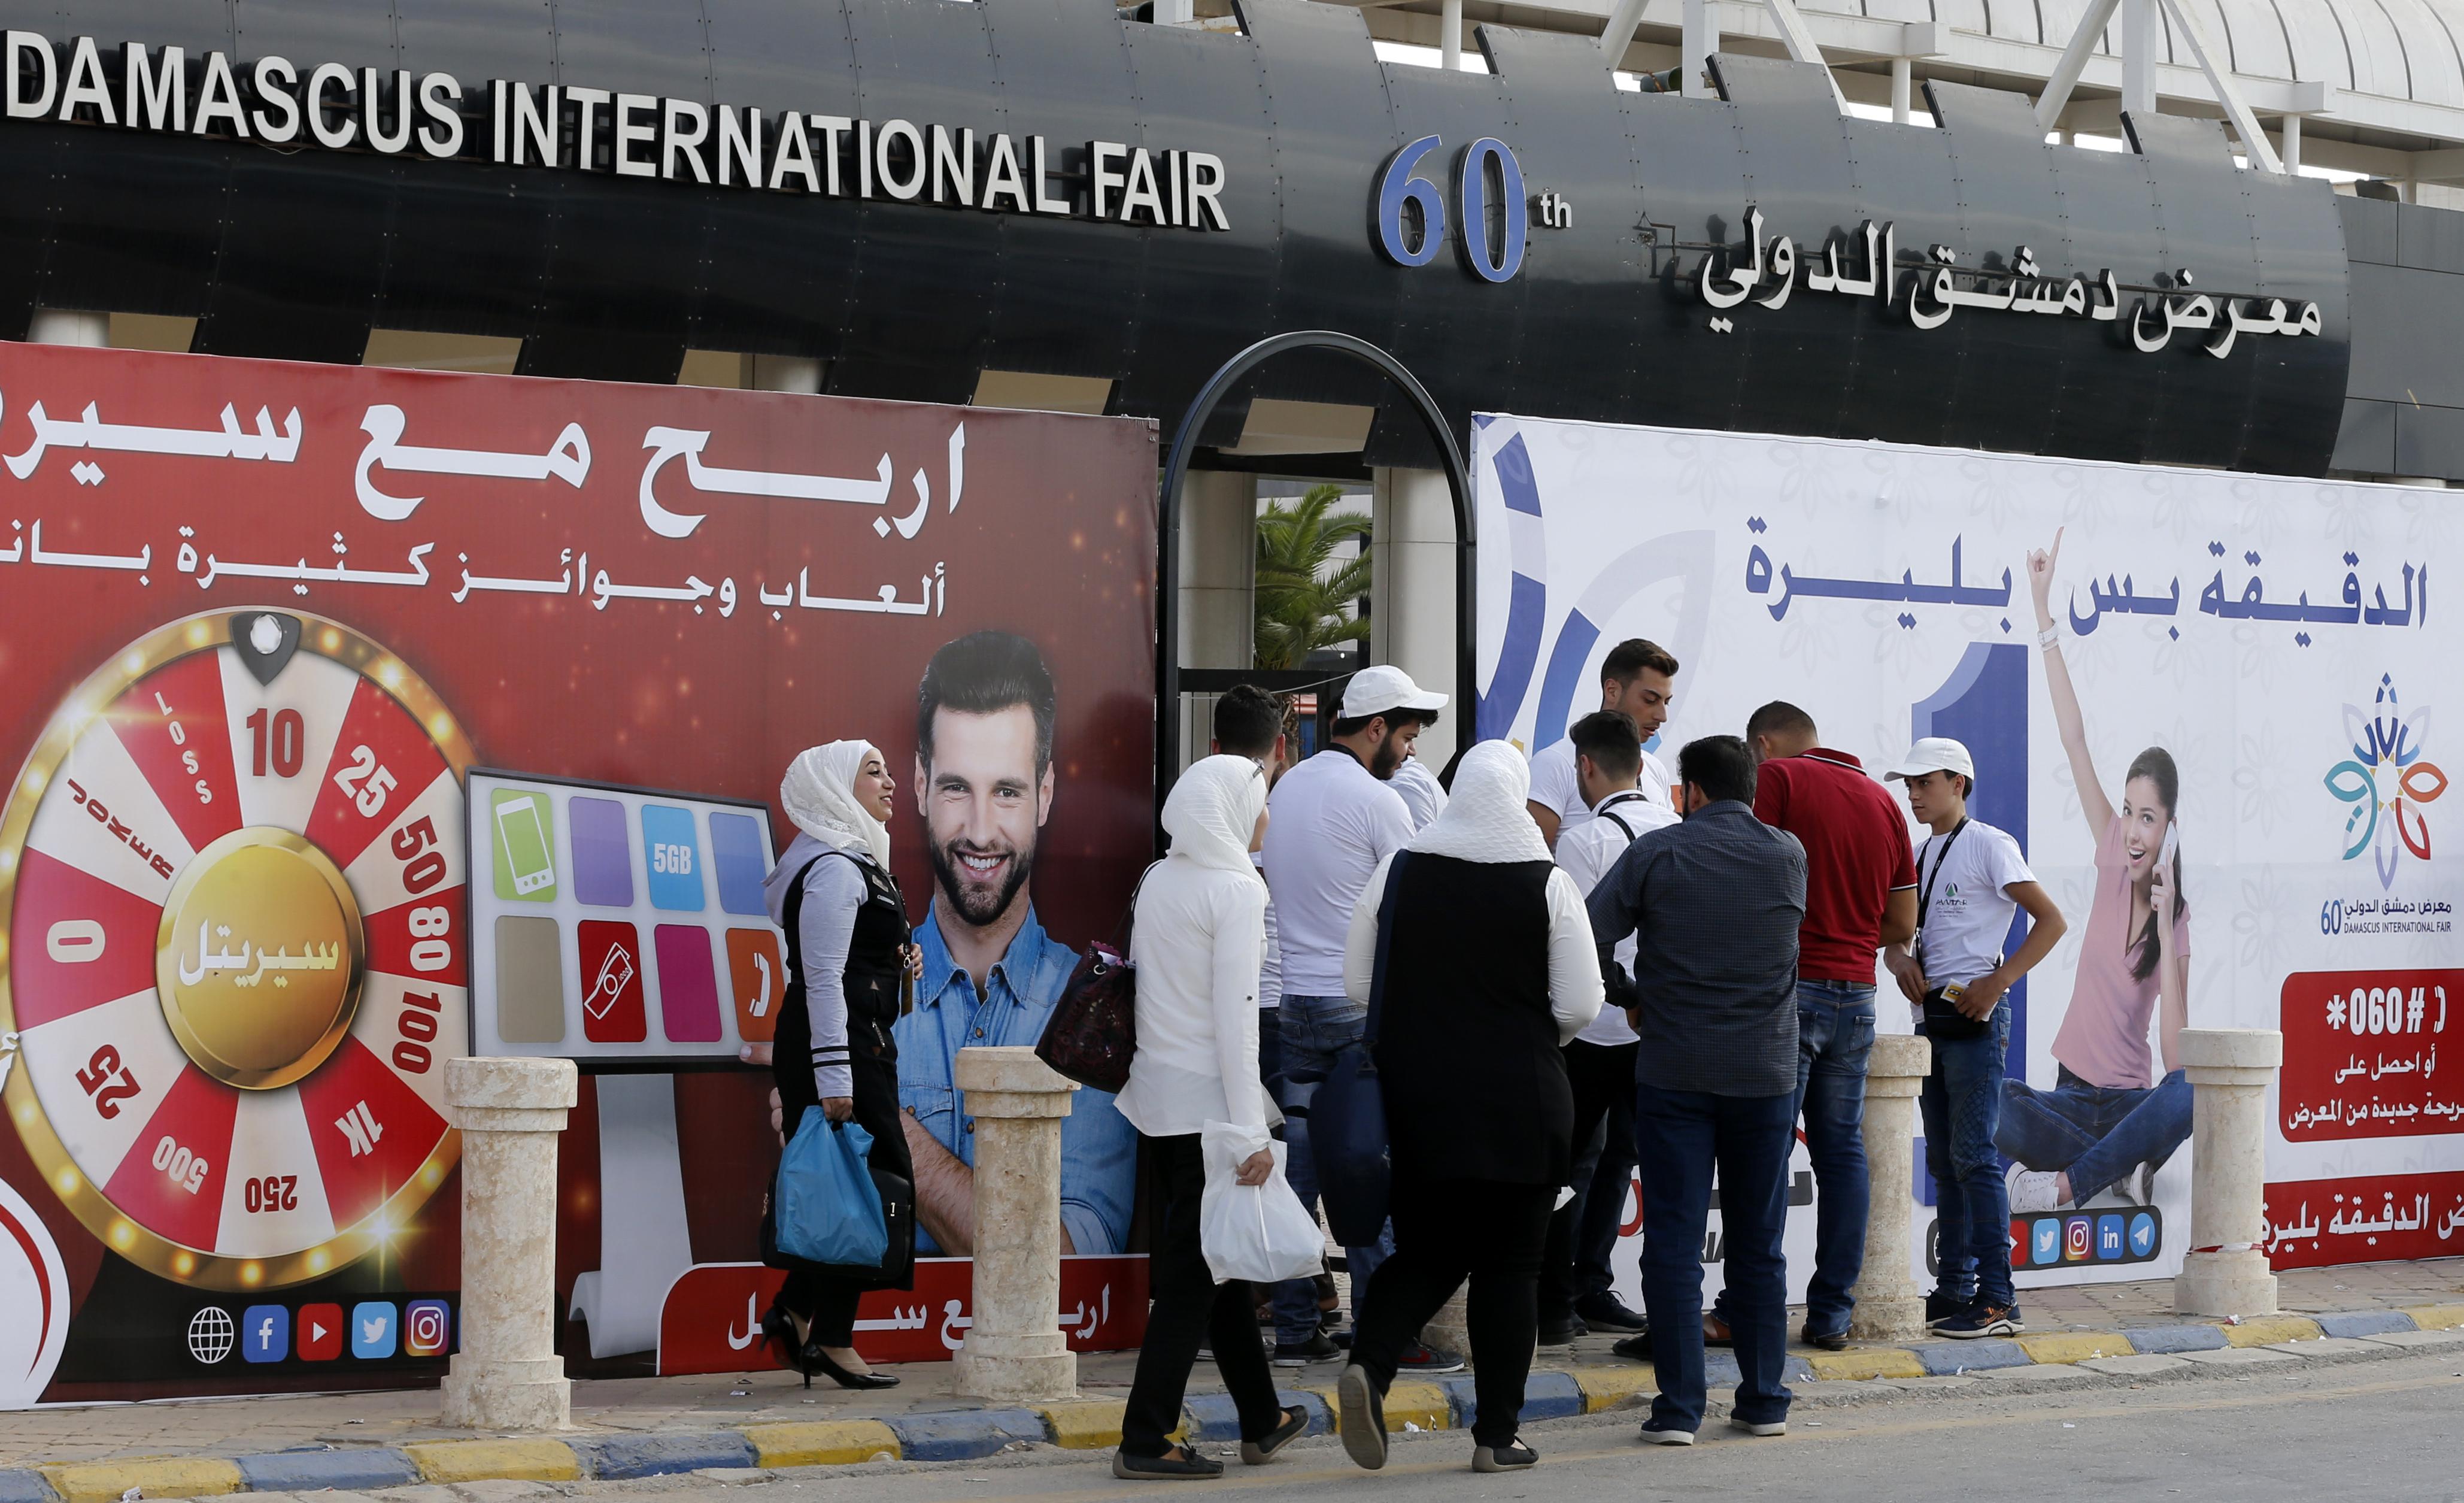 Visitantes chegam à Feira de Damasco. Empresário negocia produtos Lorenzetti